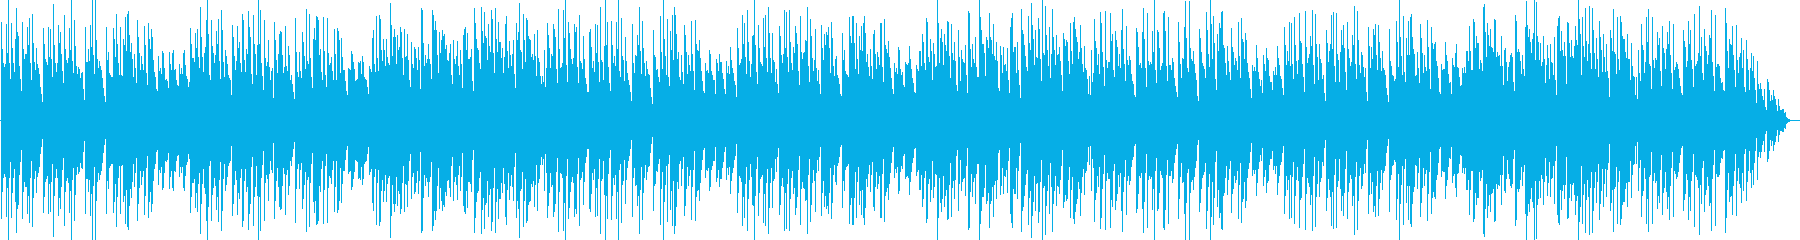 エレピ音メインのワルツ曲の再生済みの波形